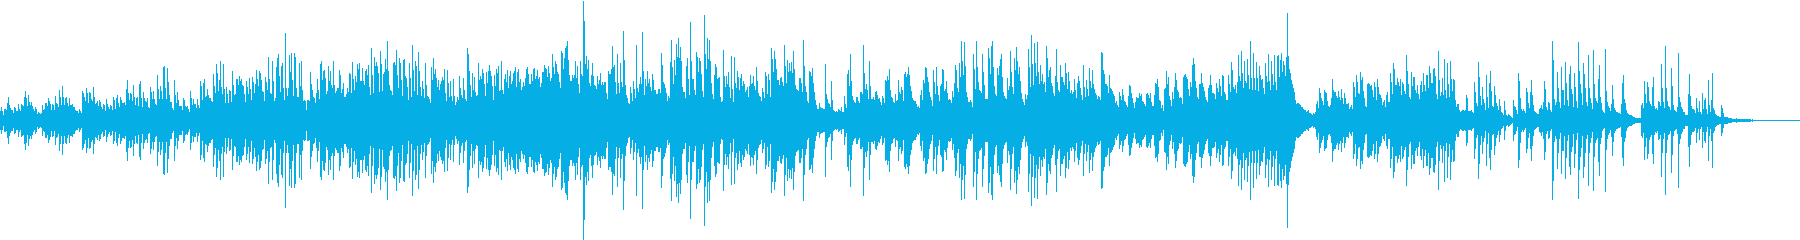 幻想・感動系ピアノソロ曲の再生済みの波形